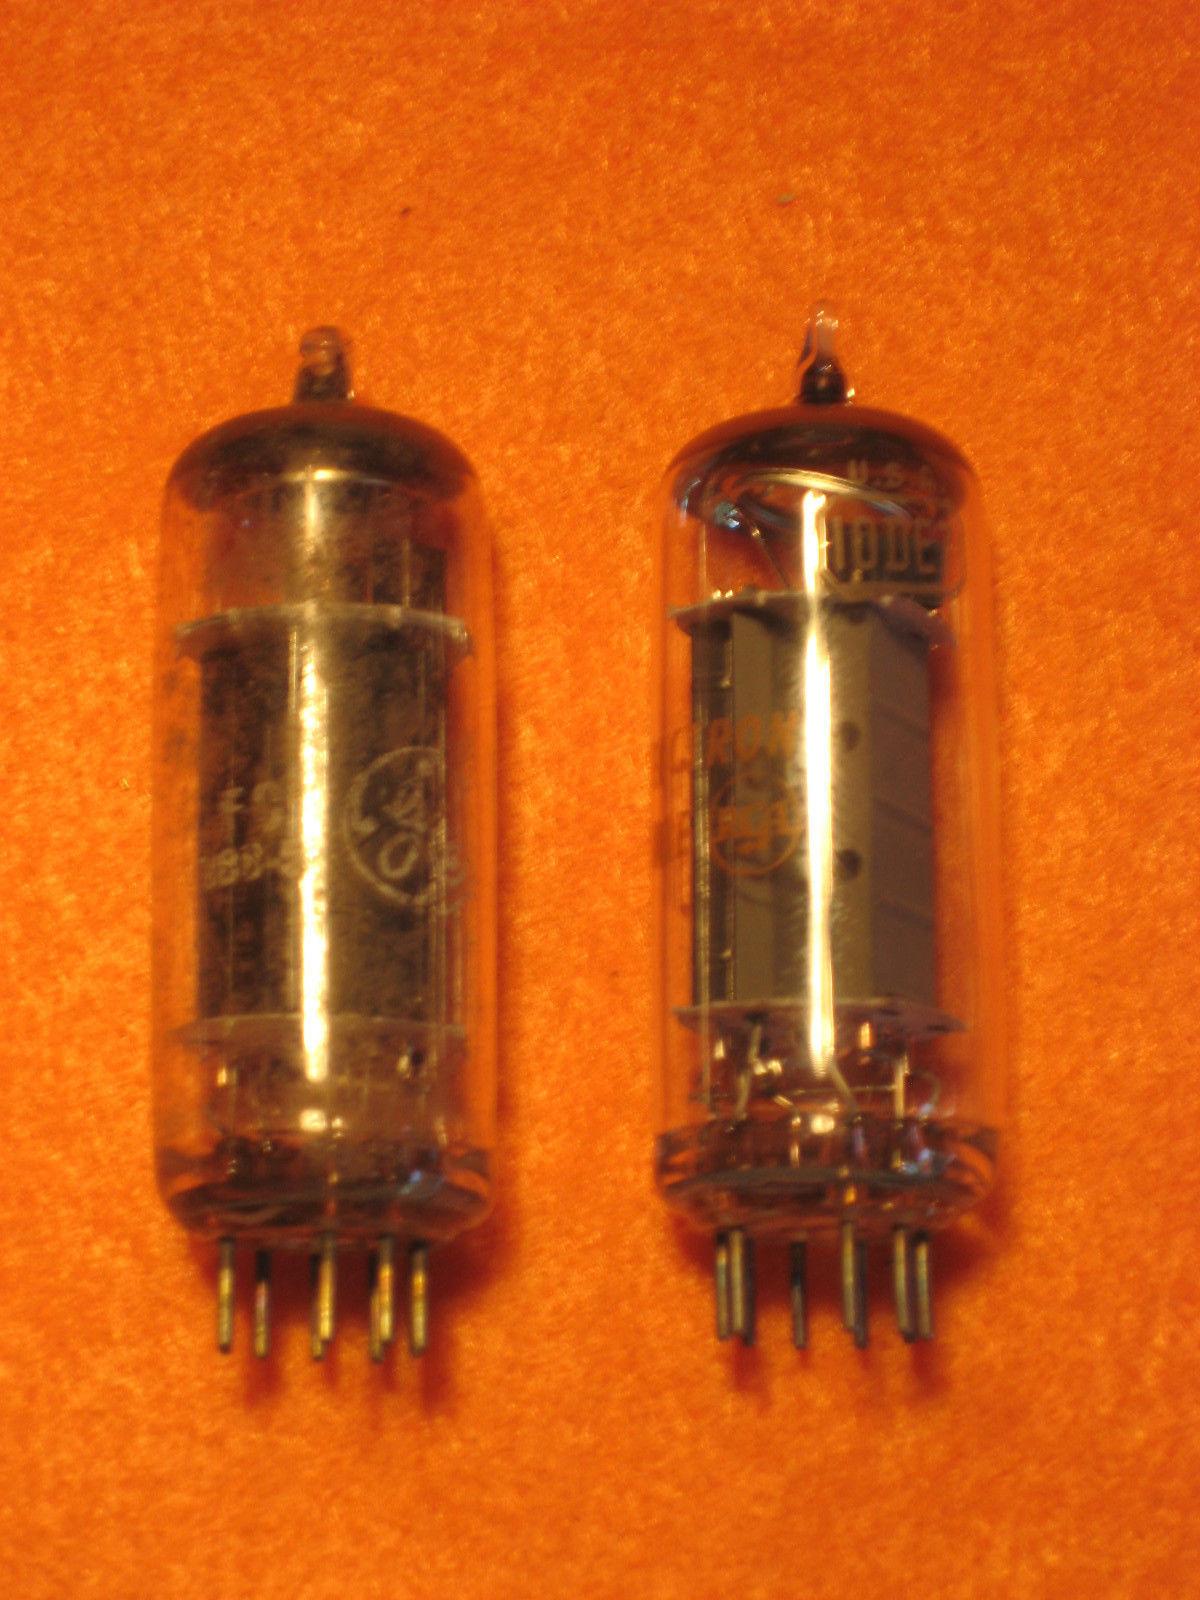 Vintage Radio Vacuum Tube (one): 10DE7 - Tested Good